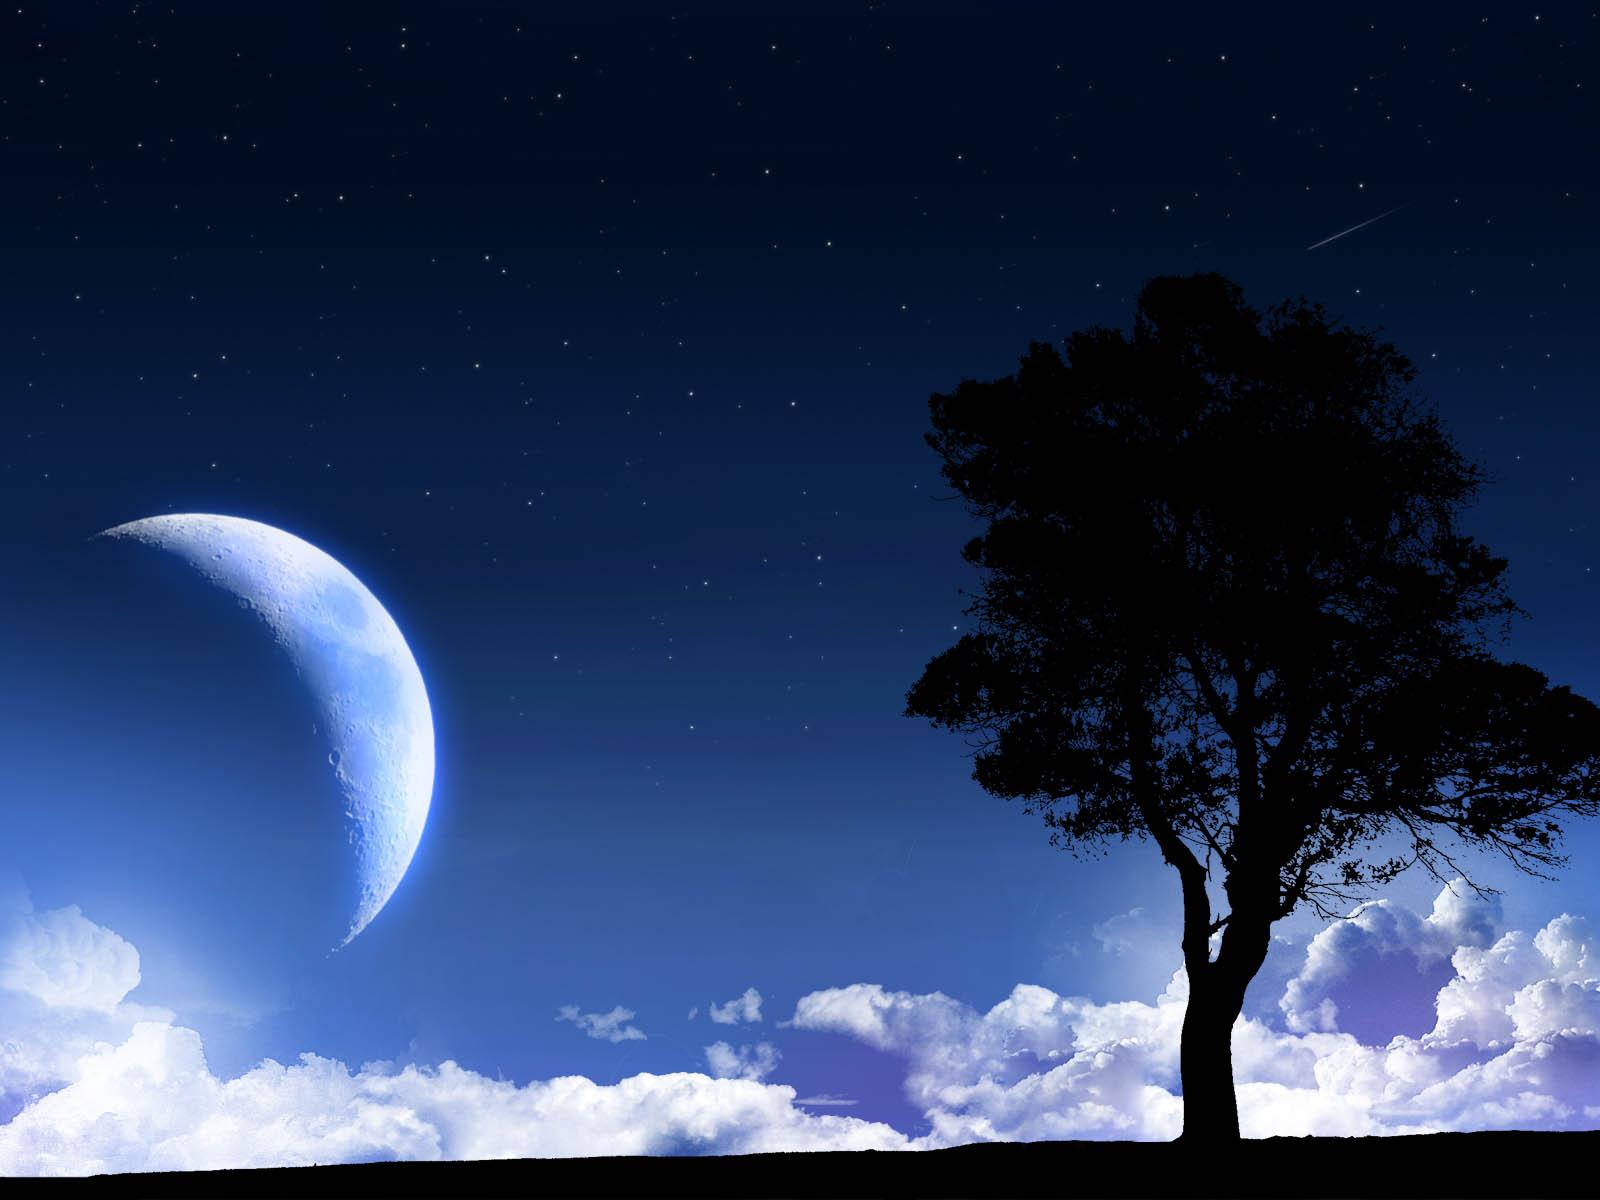 3d nature wallpaper moon - photo #27